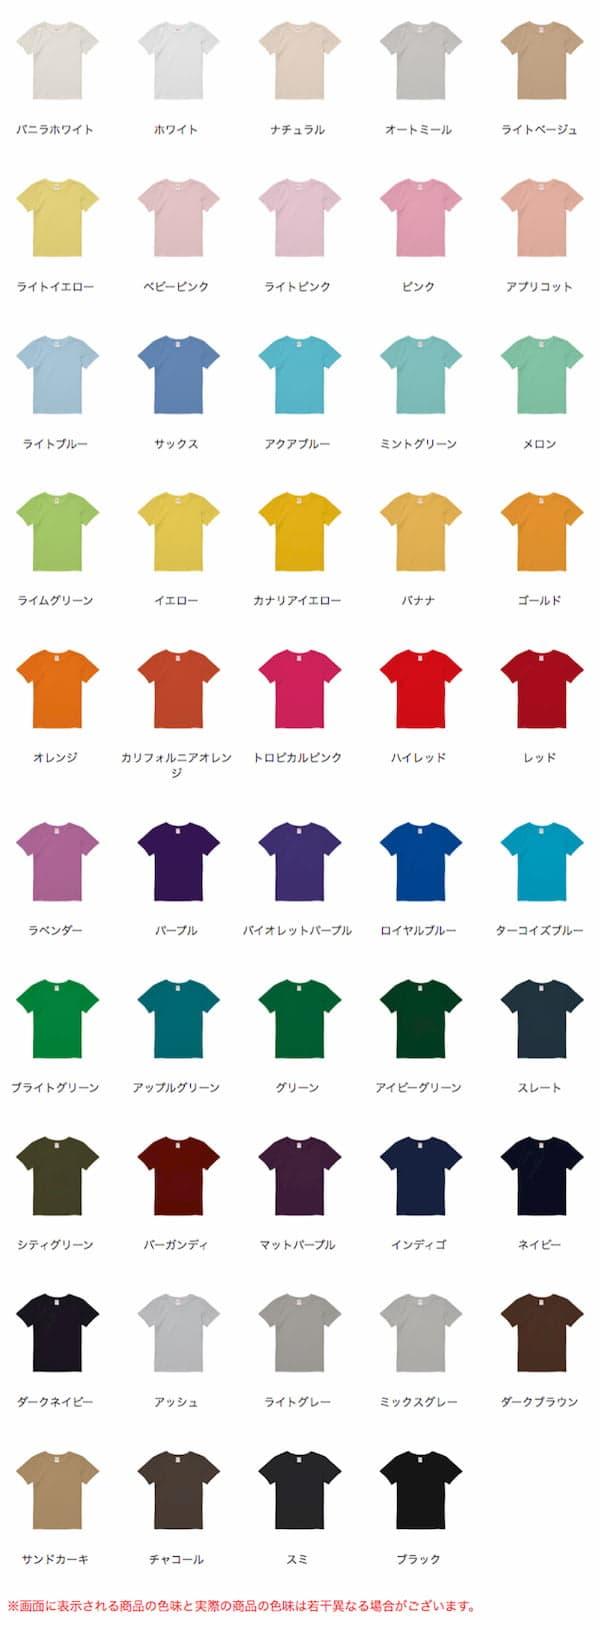 プライムレディースTシャツのカラー展開